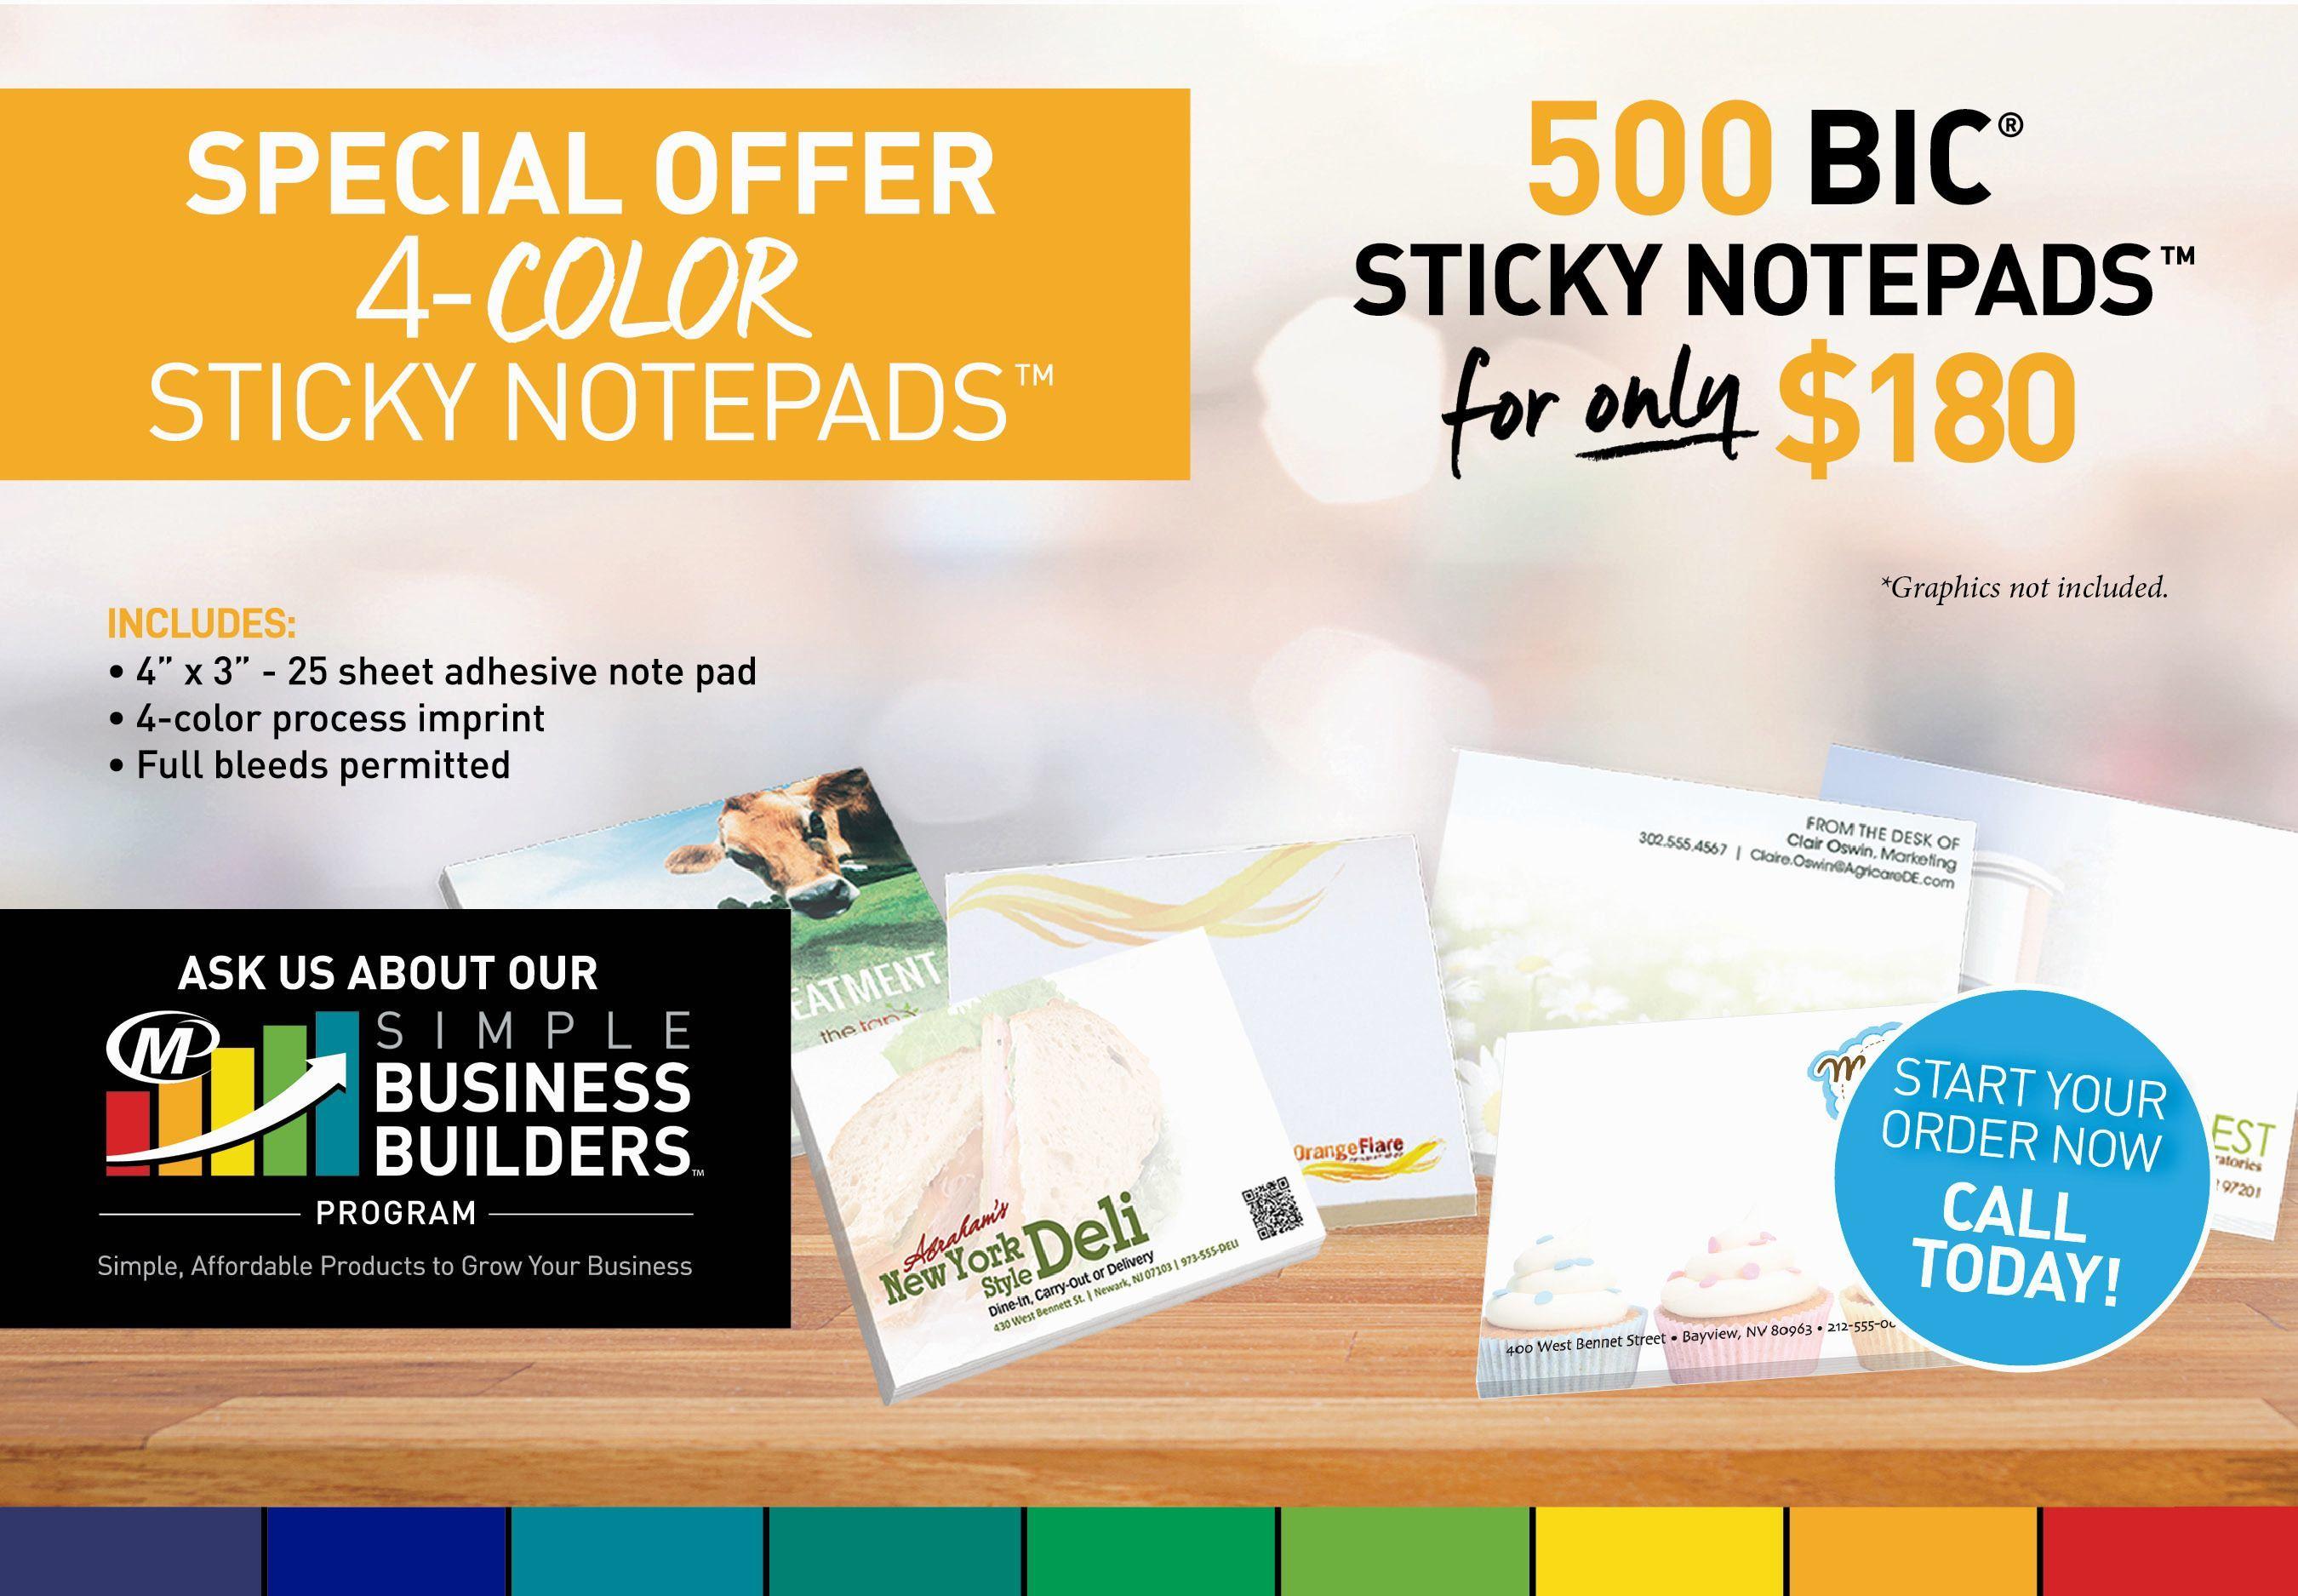 Special Offer on Sticky Notepads